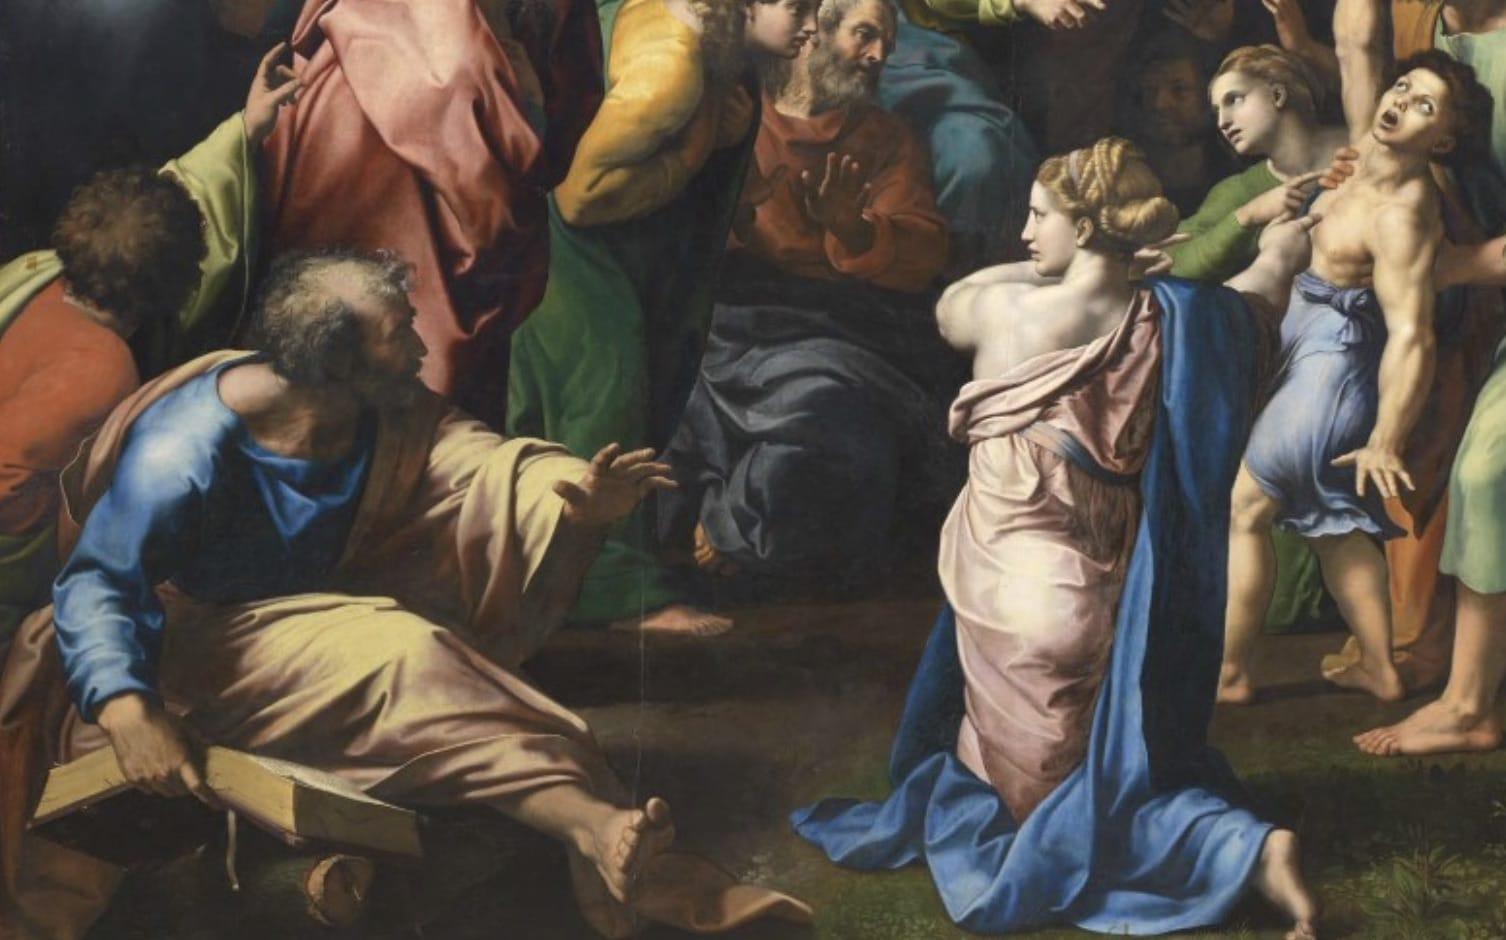 Raffael, Die Verklärung Christi, Ausschnitt aus dem Dokumentarfilm über Leben und Werk von Raffael